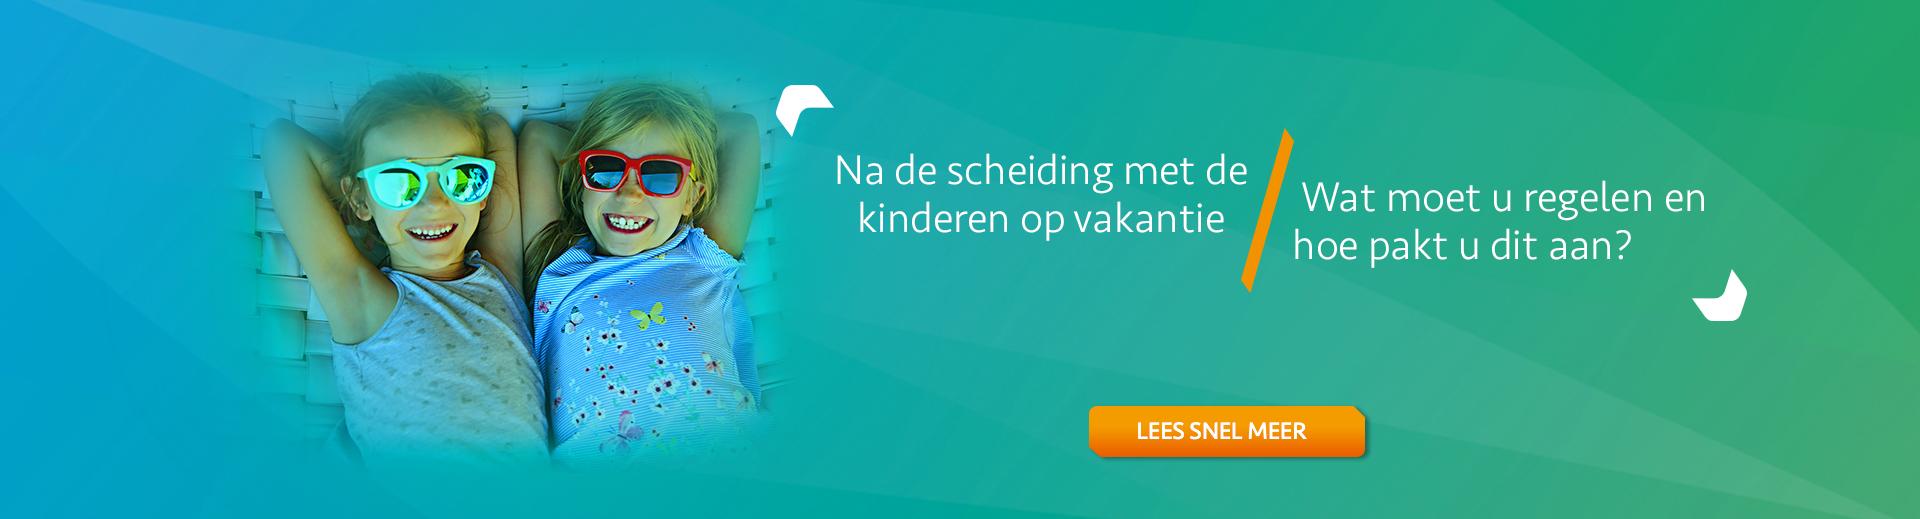 Vakantie met de kinderen na de scheiding - Scheidingsplanner Hilversum - Bilthoven - Soest - Het Gooi